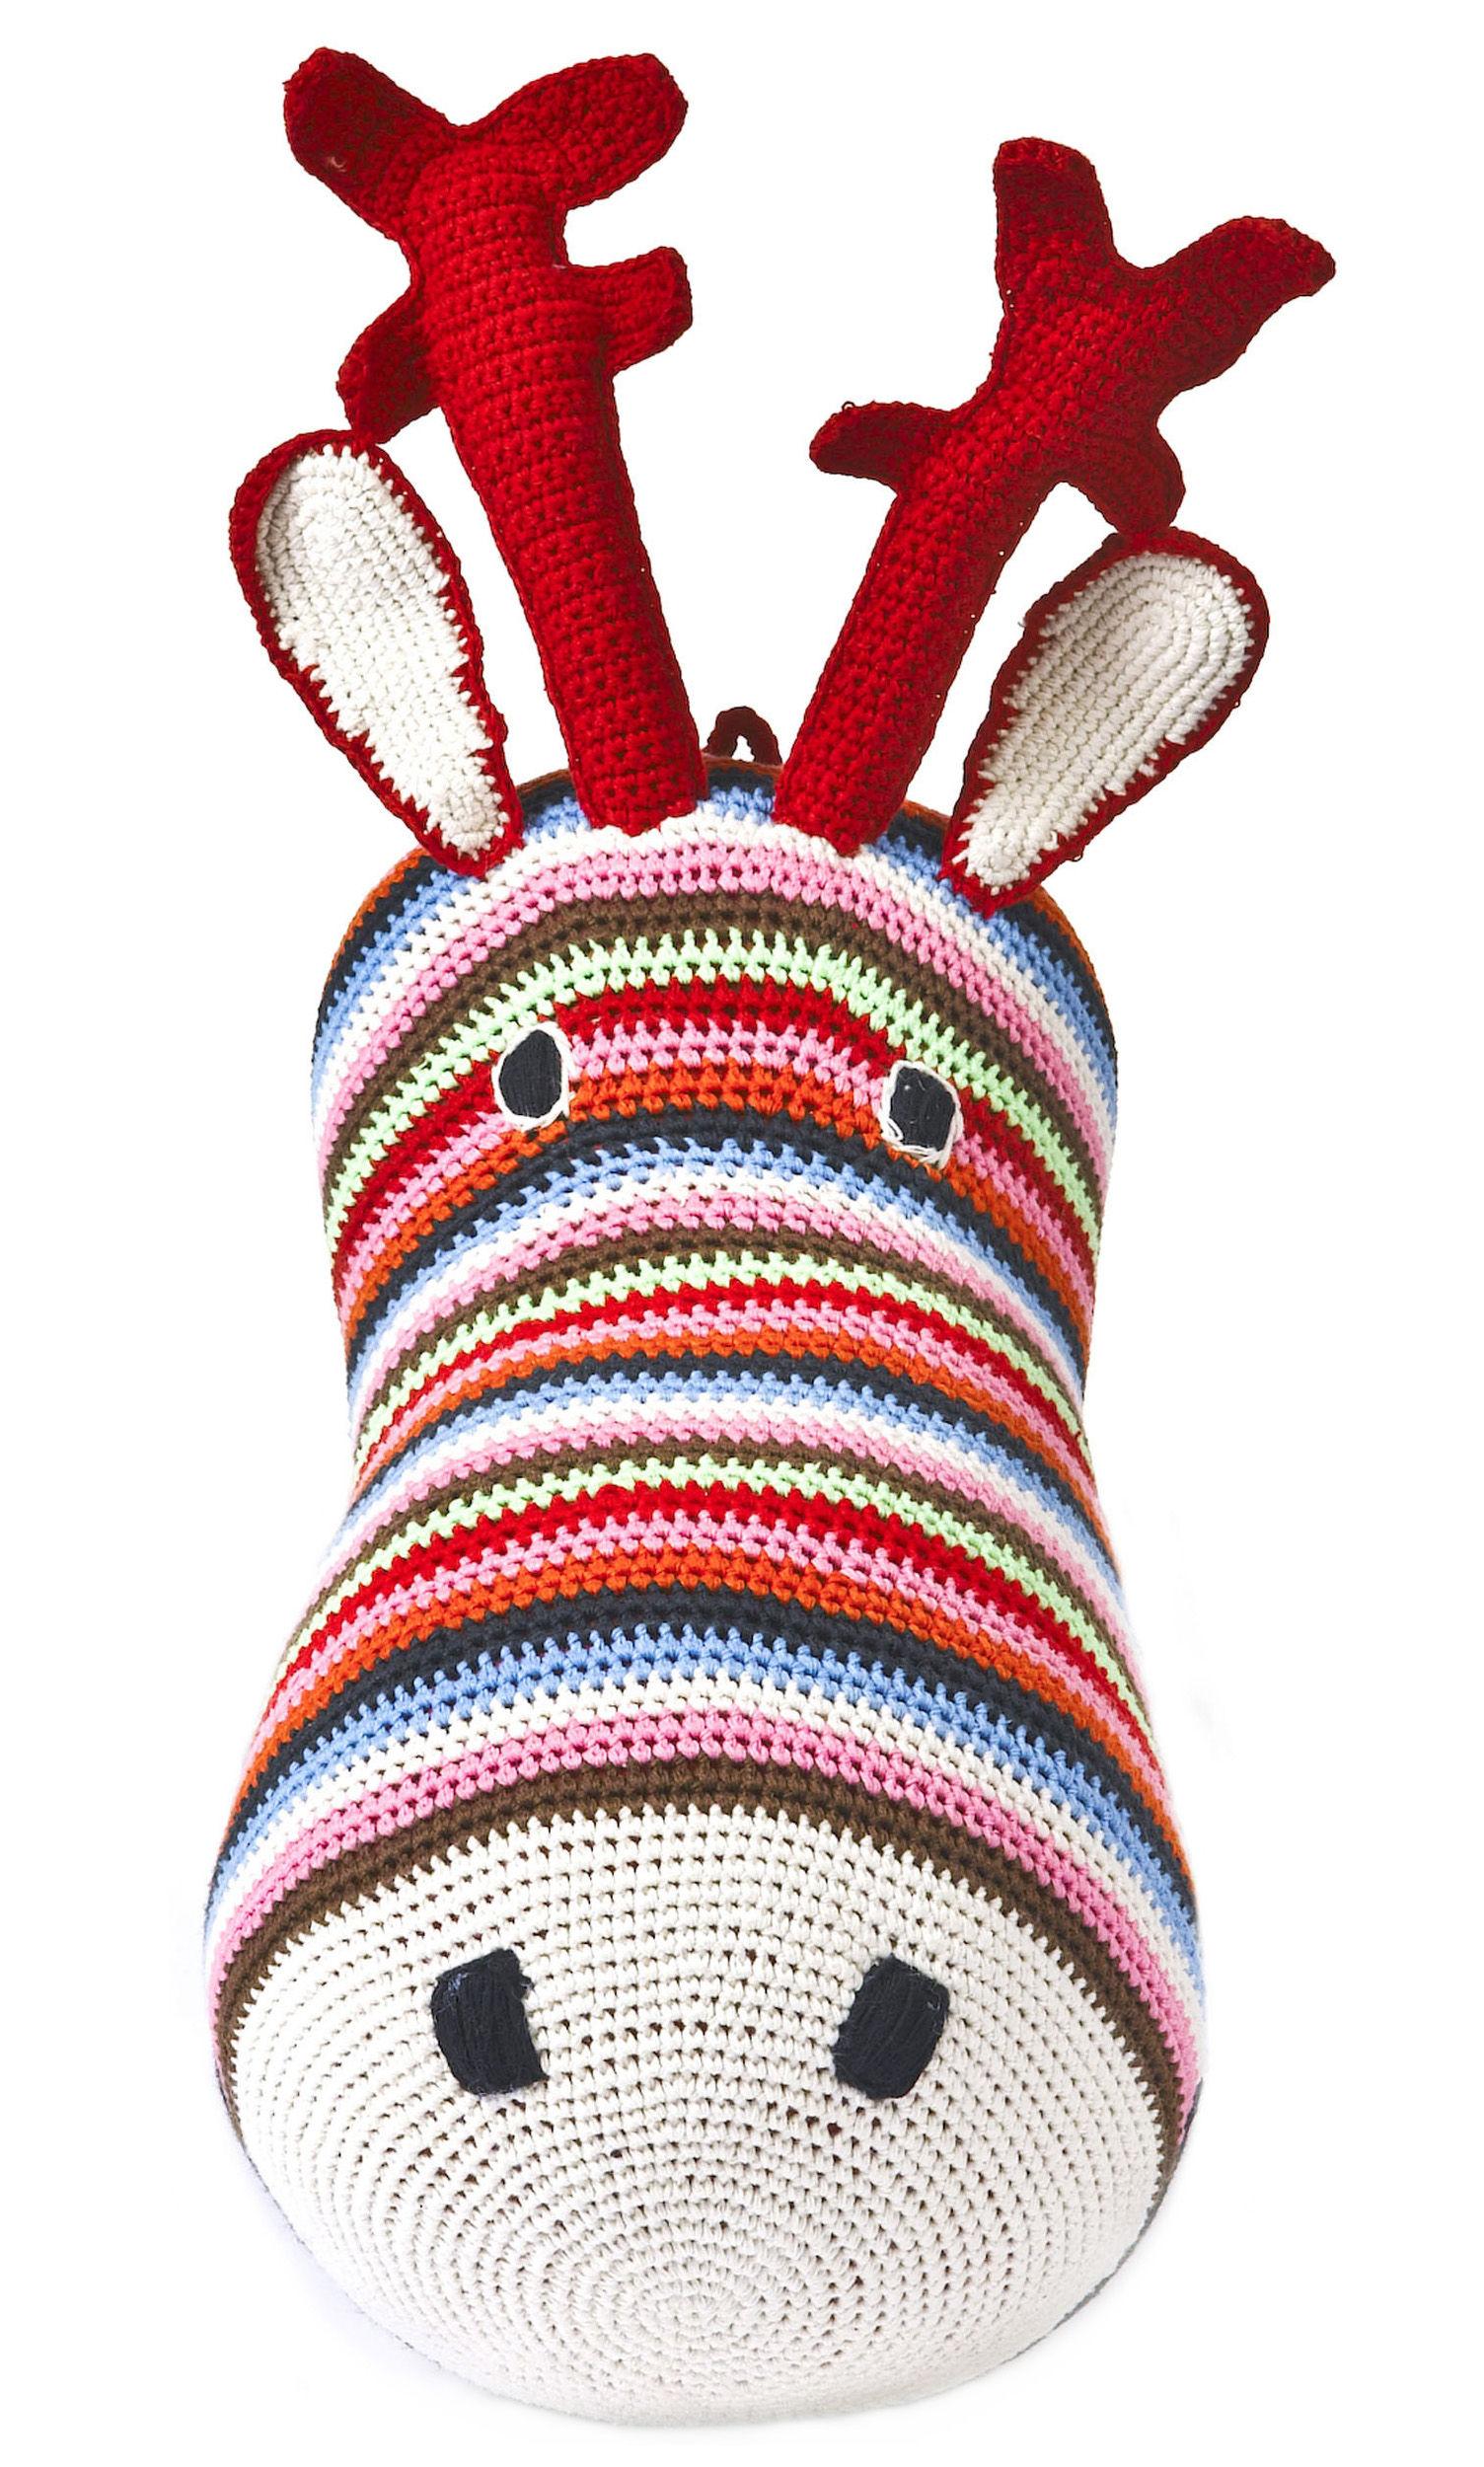 Scopri peluche t te de r ne trofeo a uncinetto multicolore di anne claire petit made in - Trofeos de peluche ...